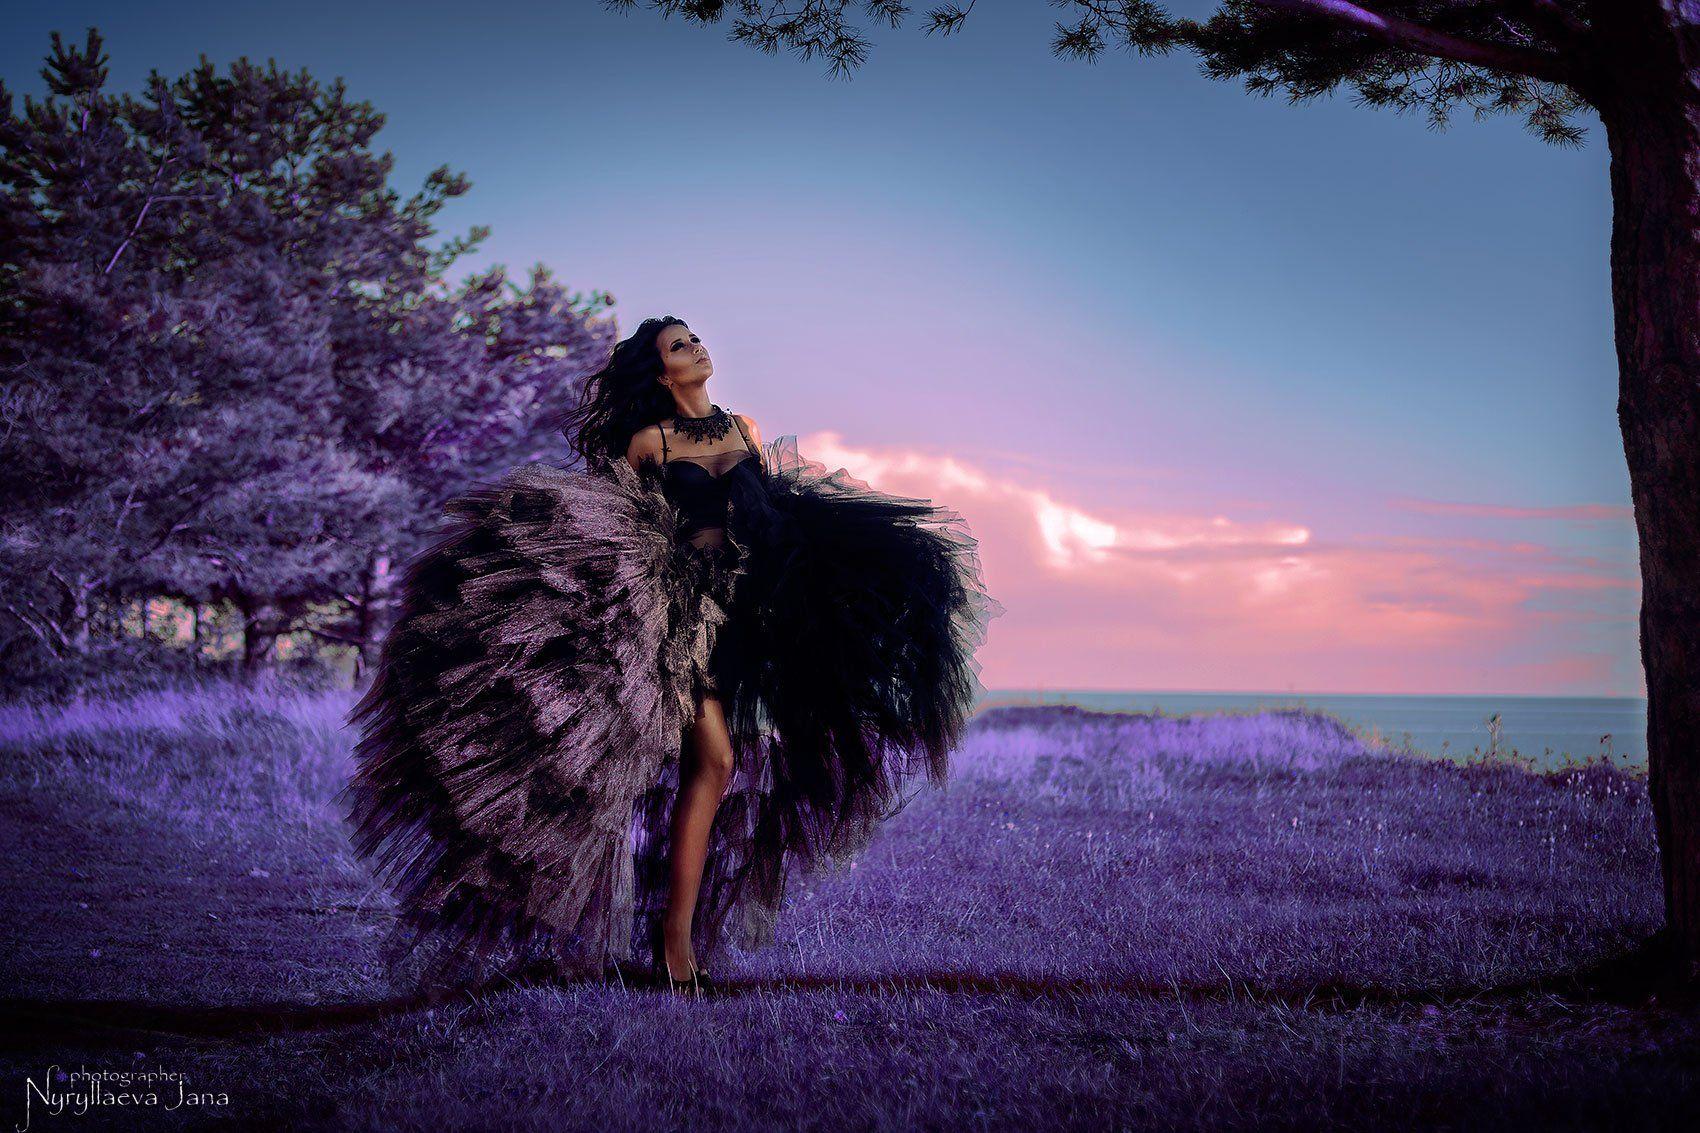 фотосессия фотограф фотографнуруллаеваяна идеидляфотосессии лето осень красивыекартинки фотосессиядевушки модель девушка съемка, Нуруллаева Яночка